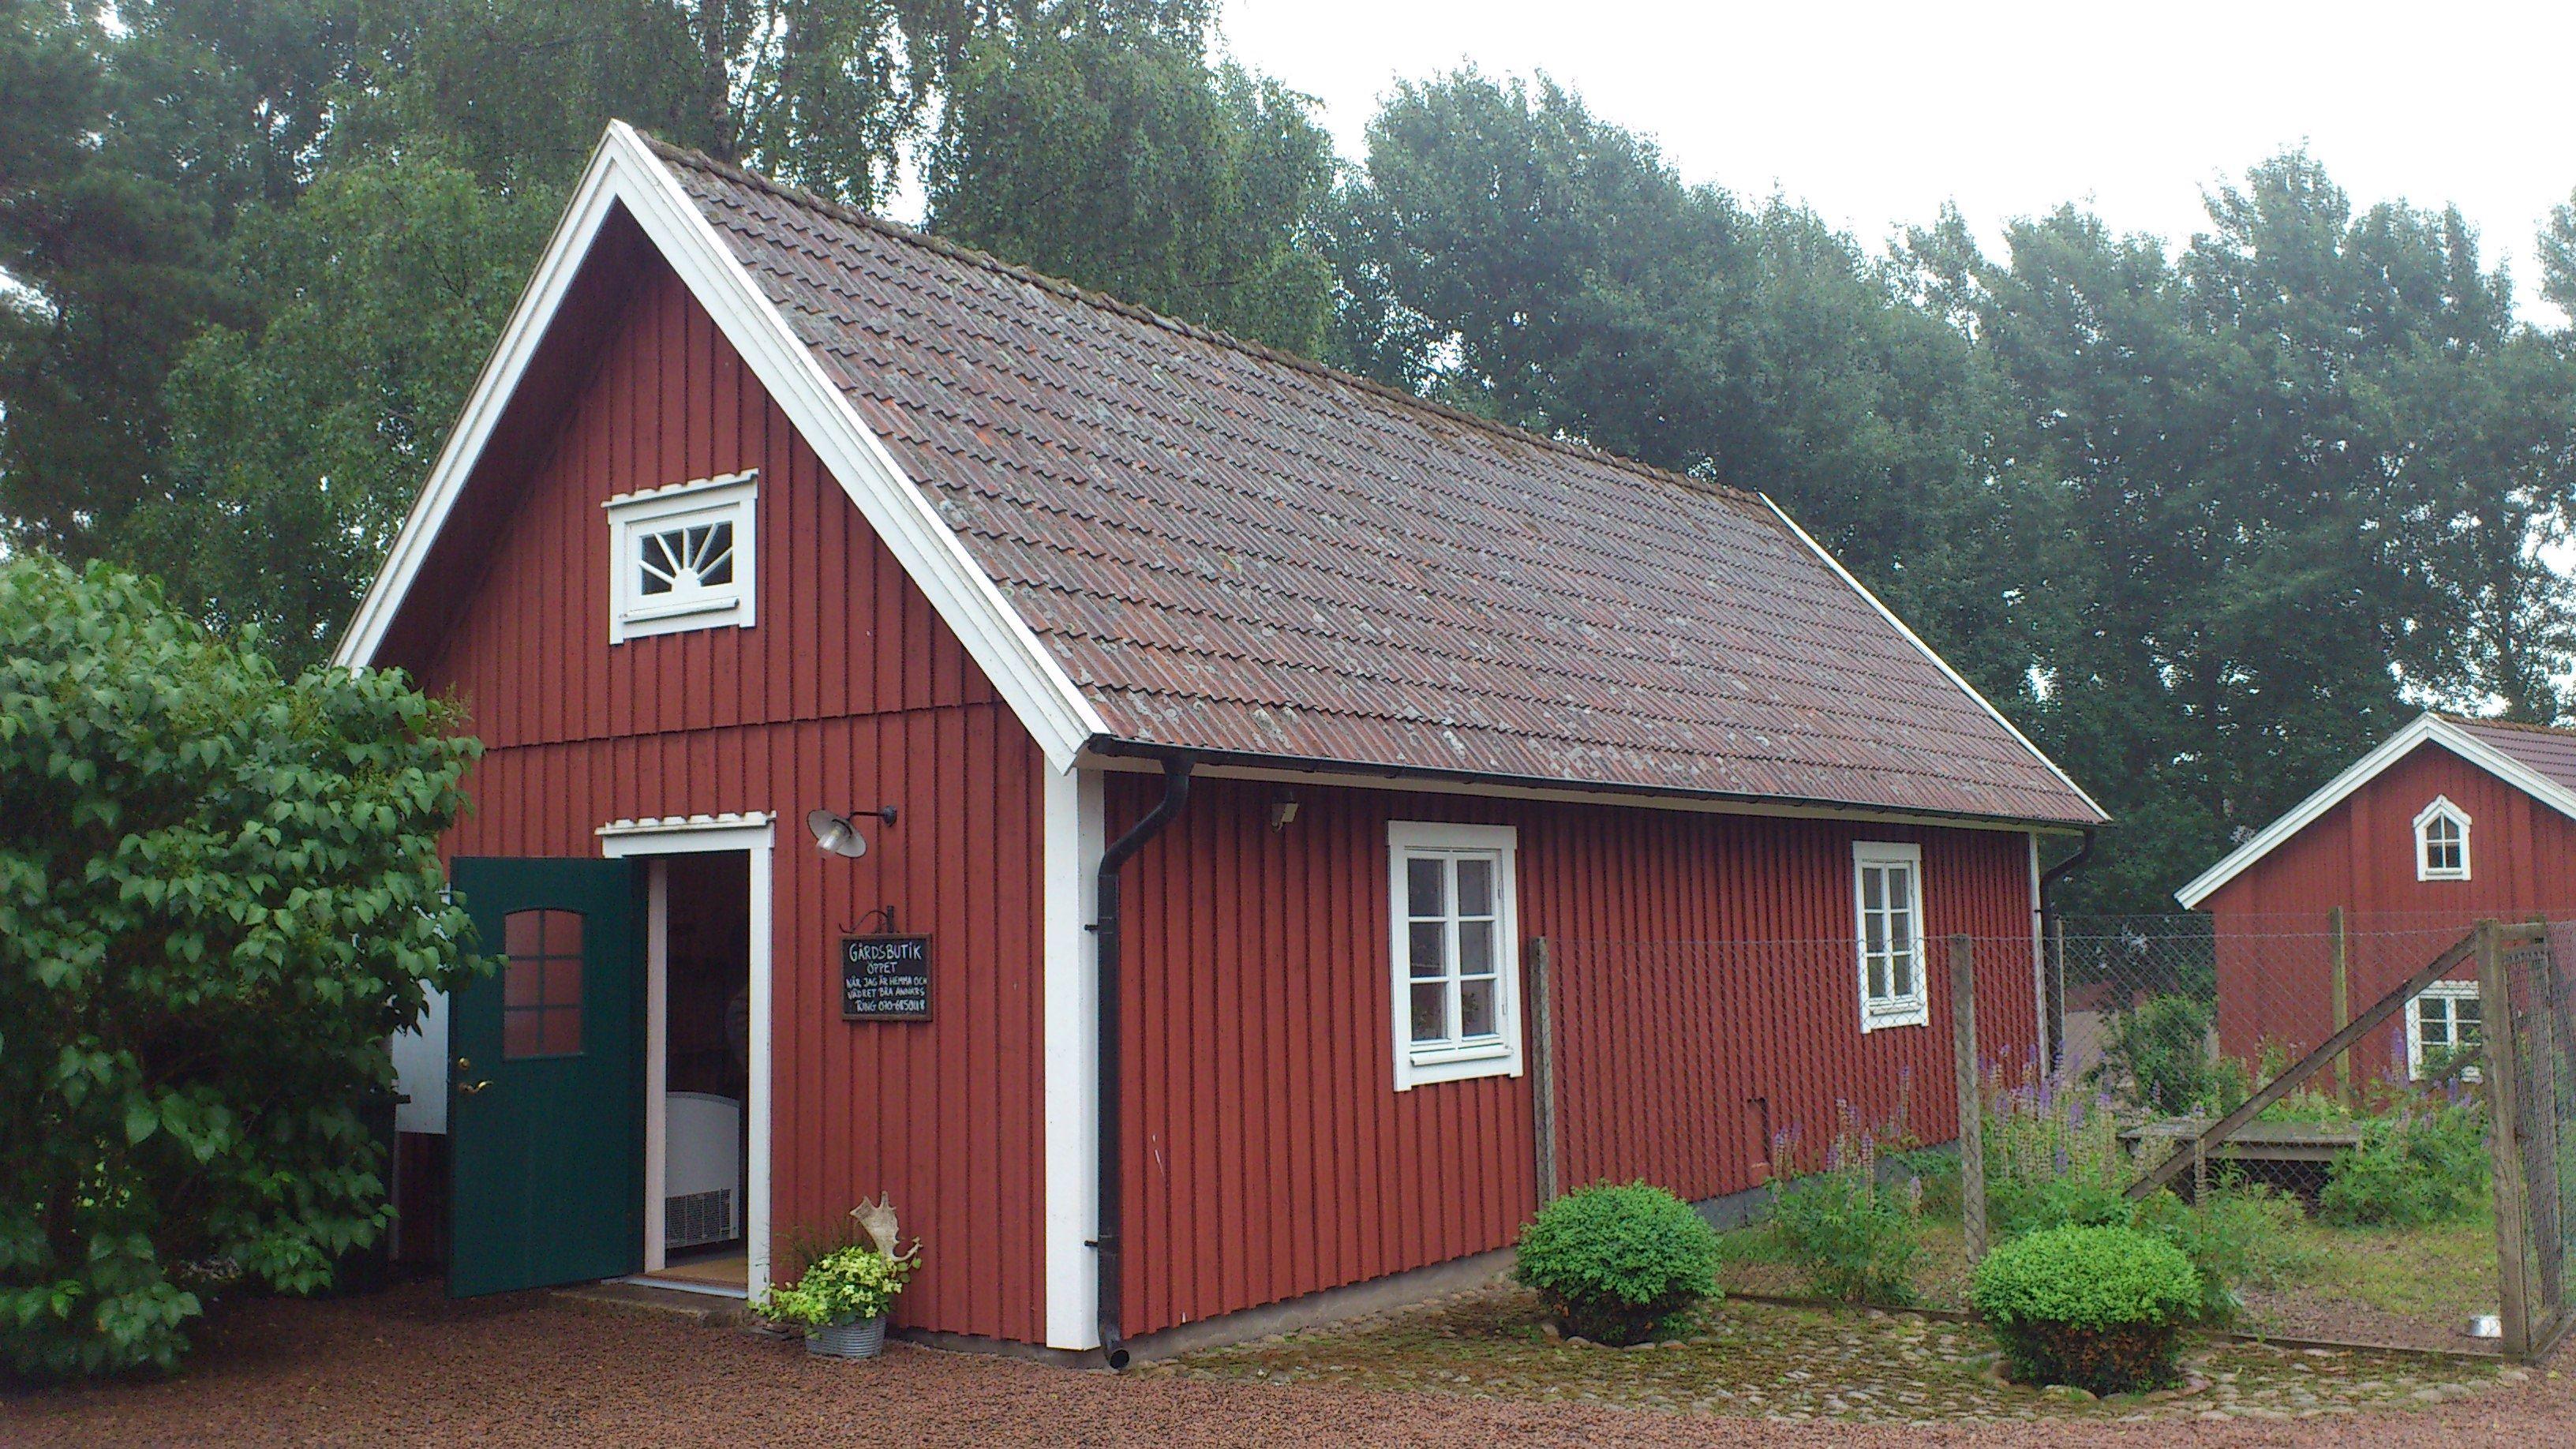 Sunnerborg Farm shop